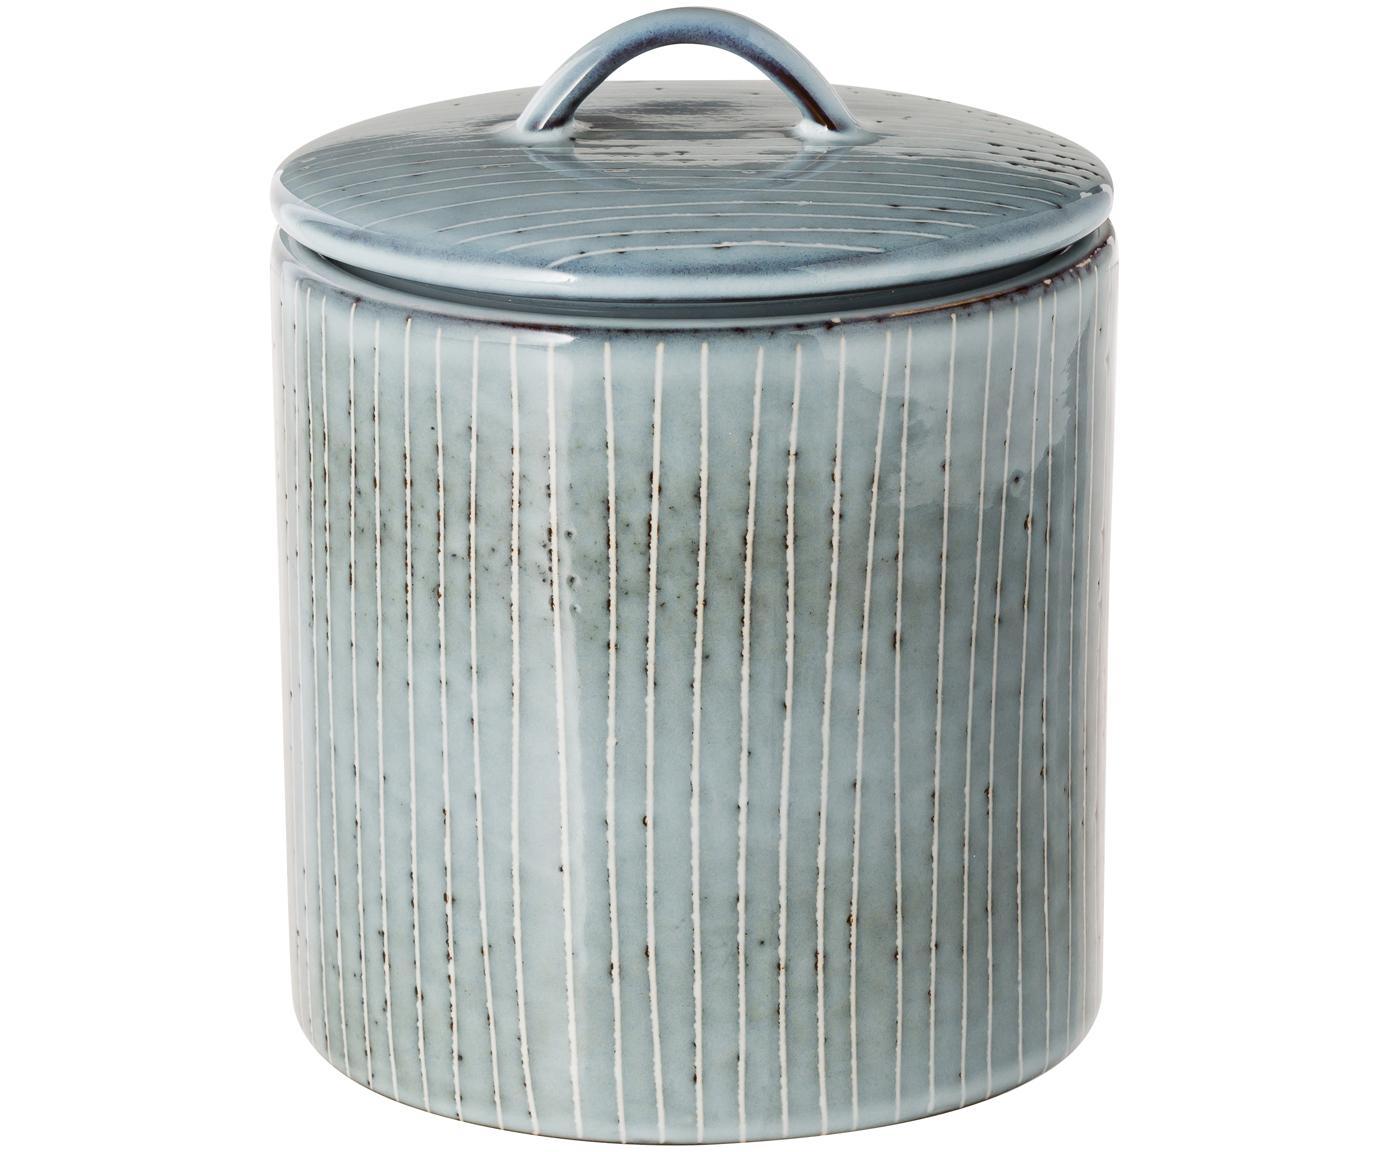 Bote artesanal Nordic Sea, Gres, Tonos de gris y azul, Ø 12 x Al 12 cm